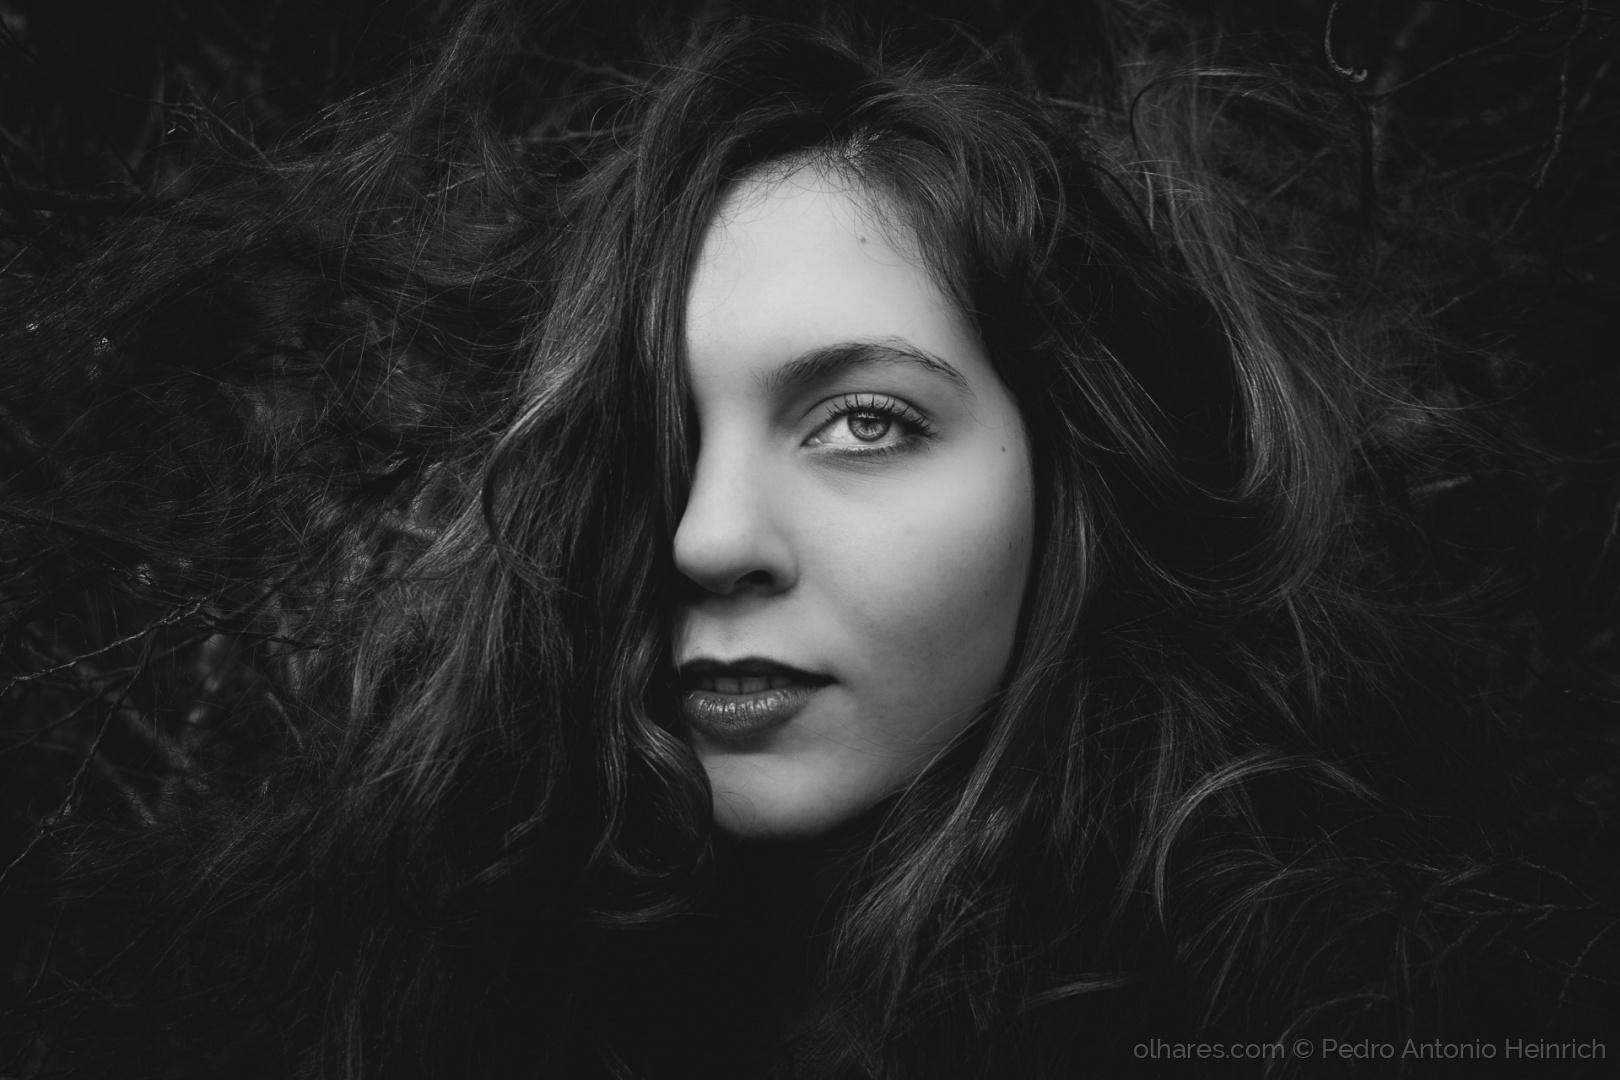 Retratos/O Olhar de Amanda